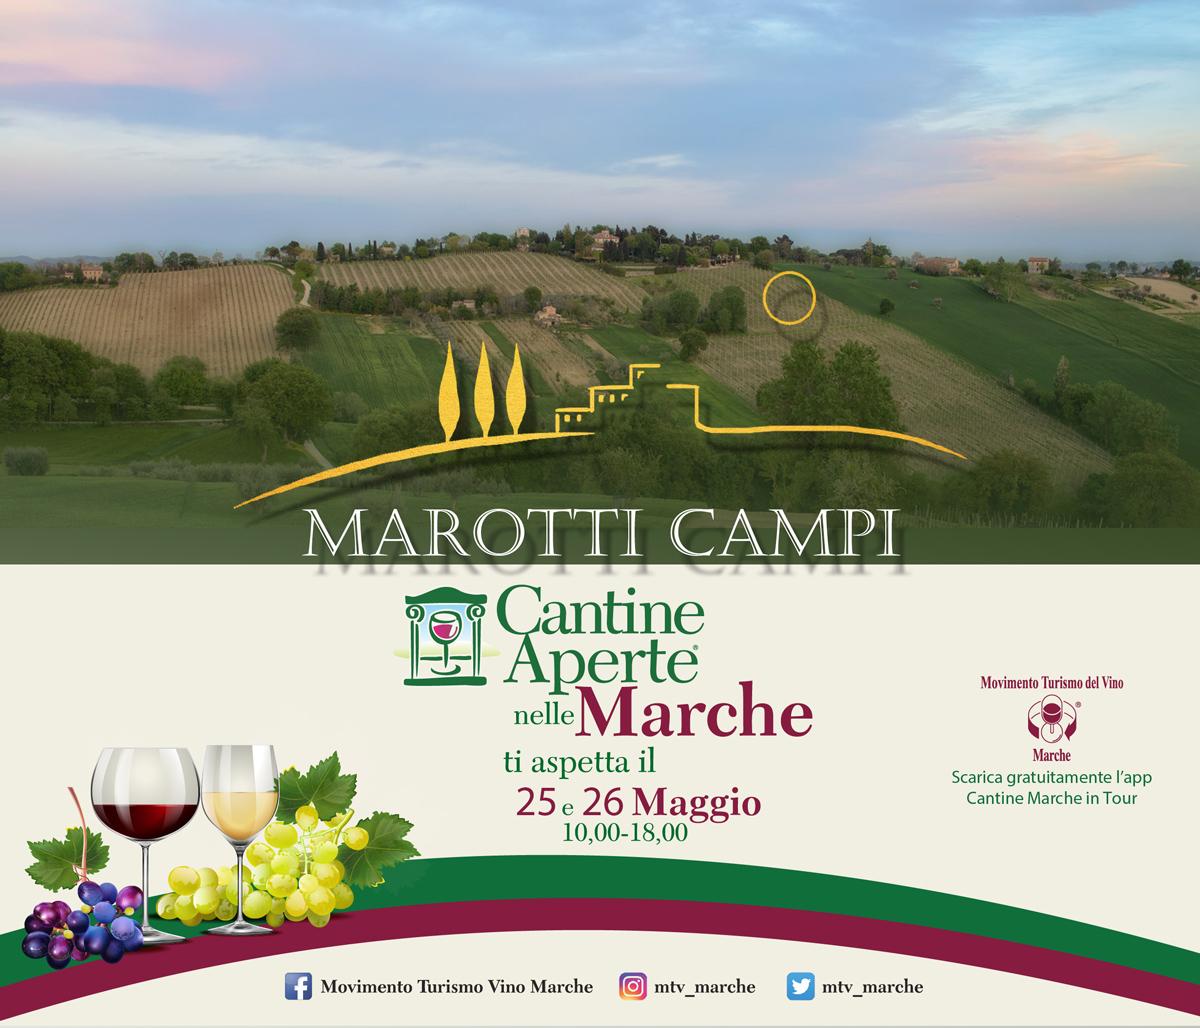 _cantine-aperte-2020-Marotti-Campi-Lacrima-e-Verdicchio